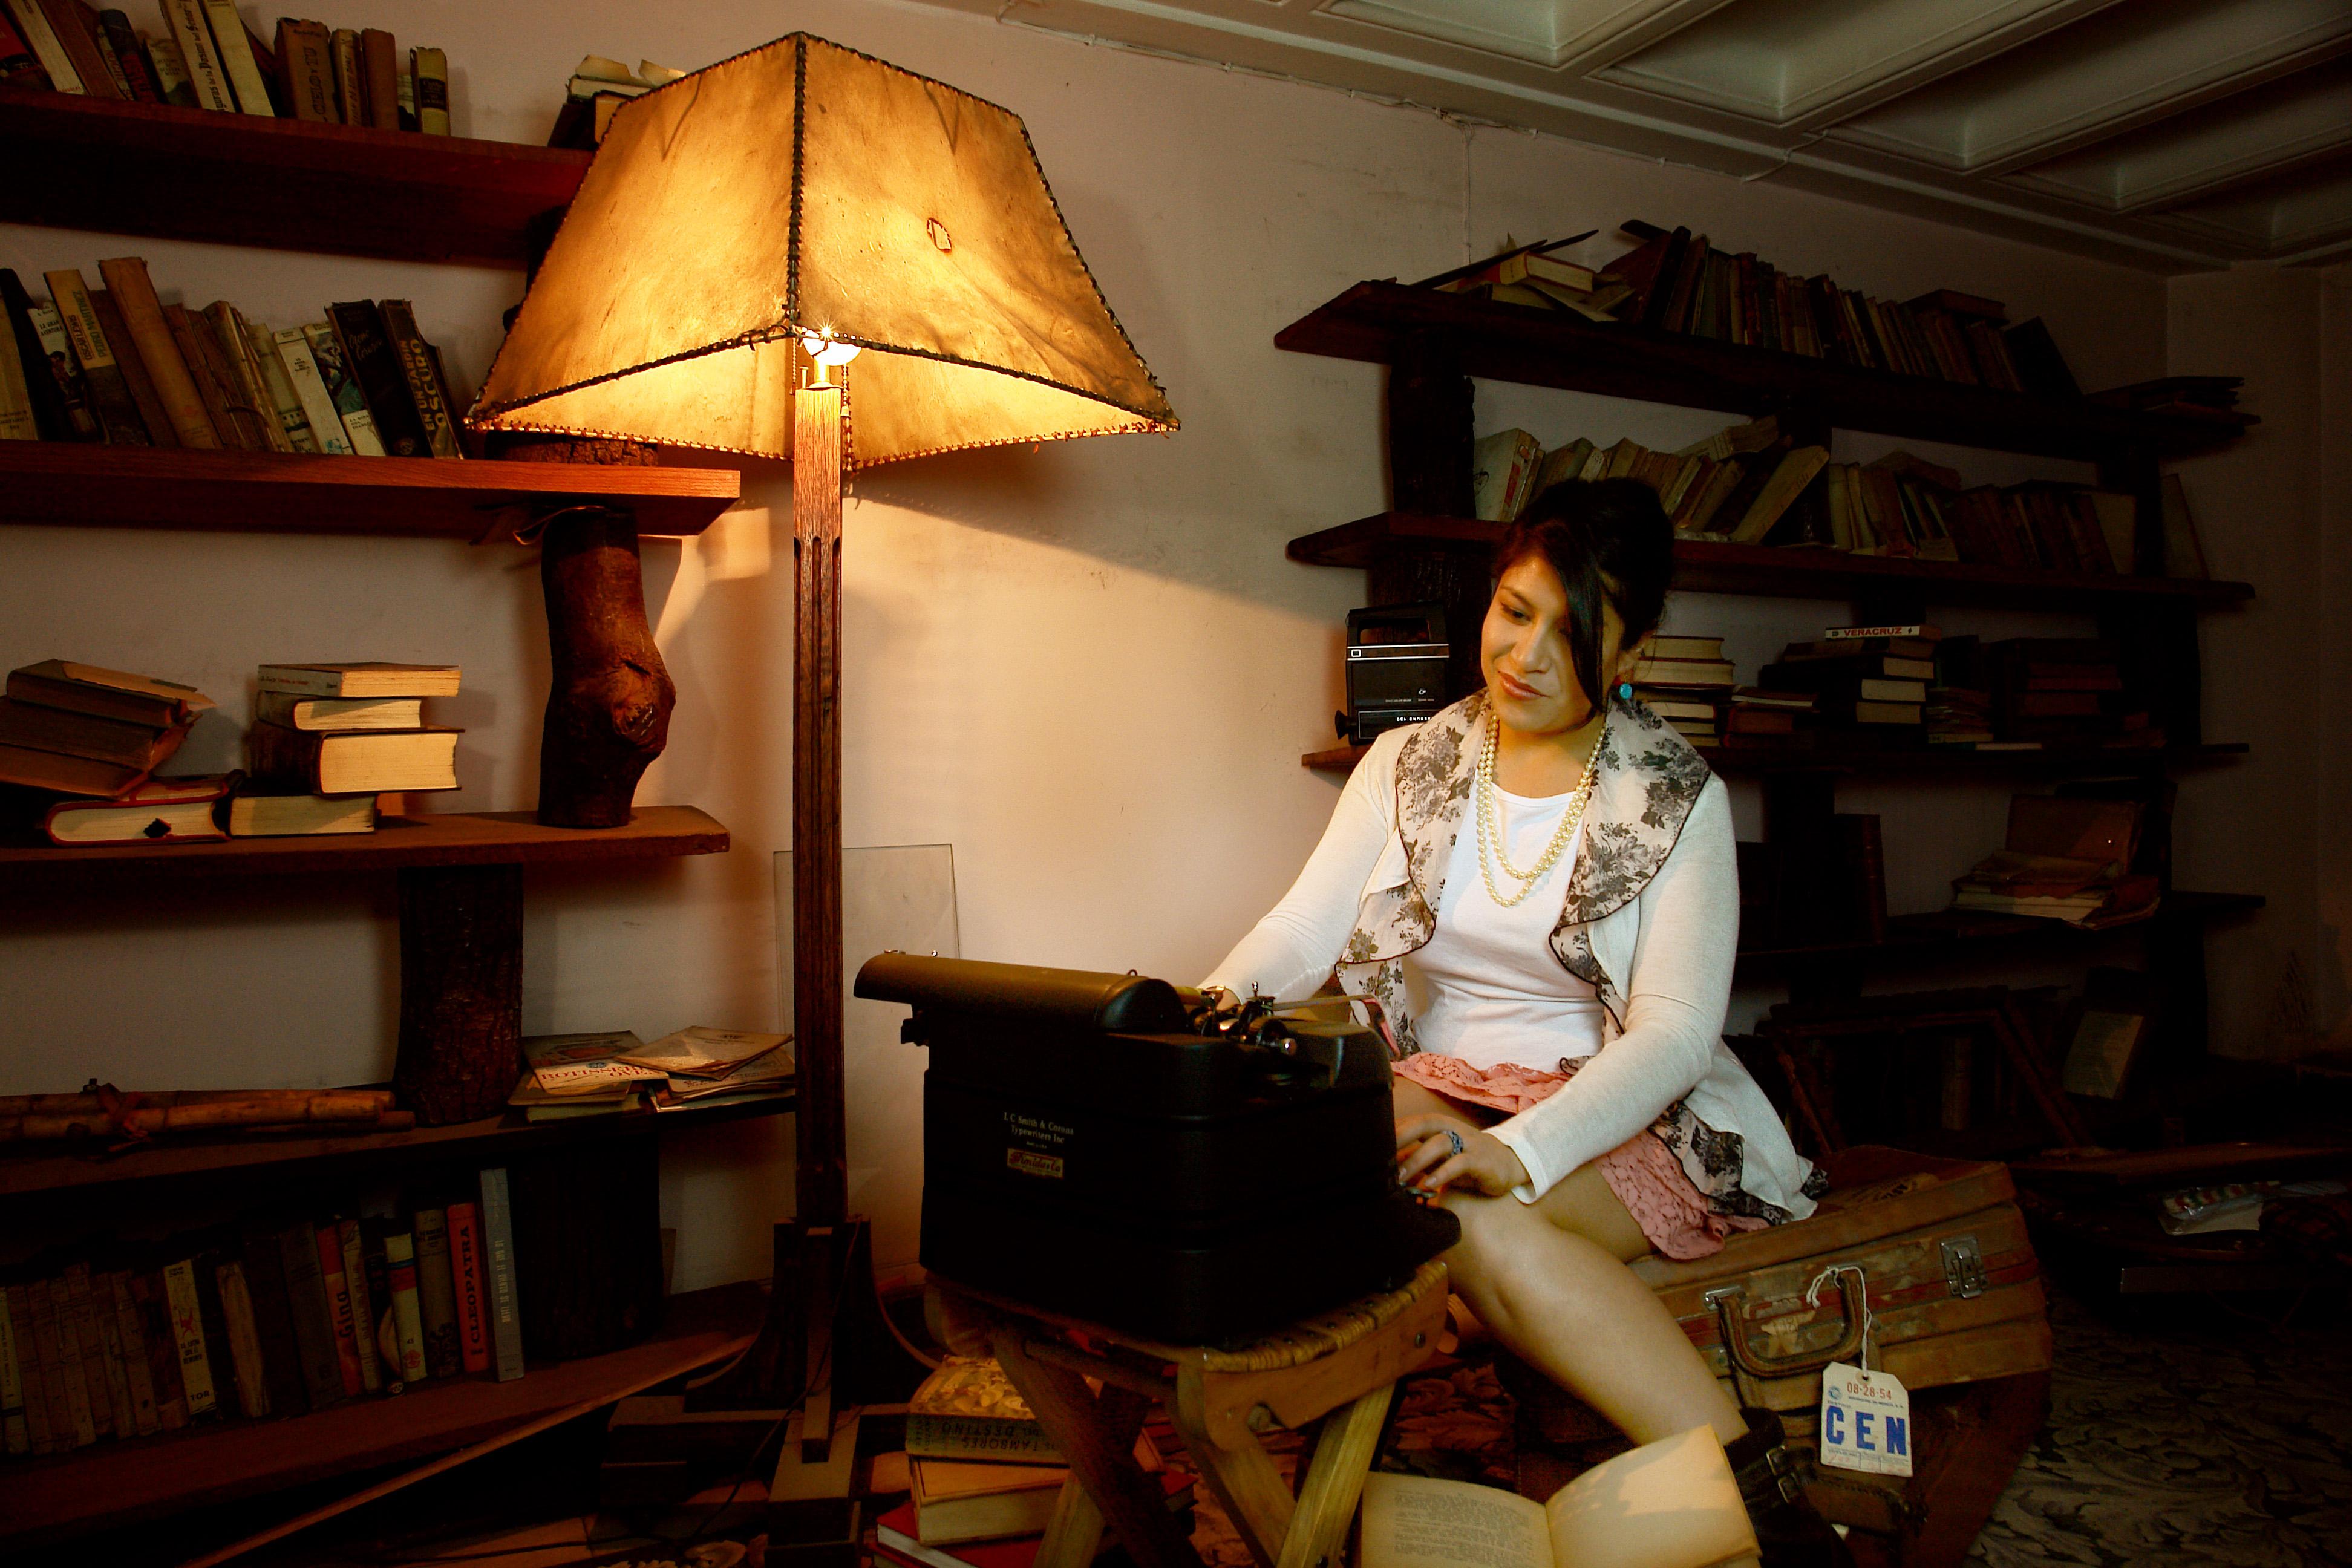 Retrospectiva spoken word- Aves de verano & Suite para peces